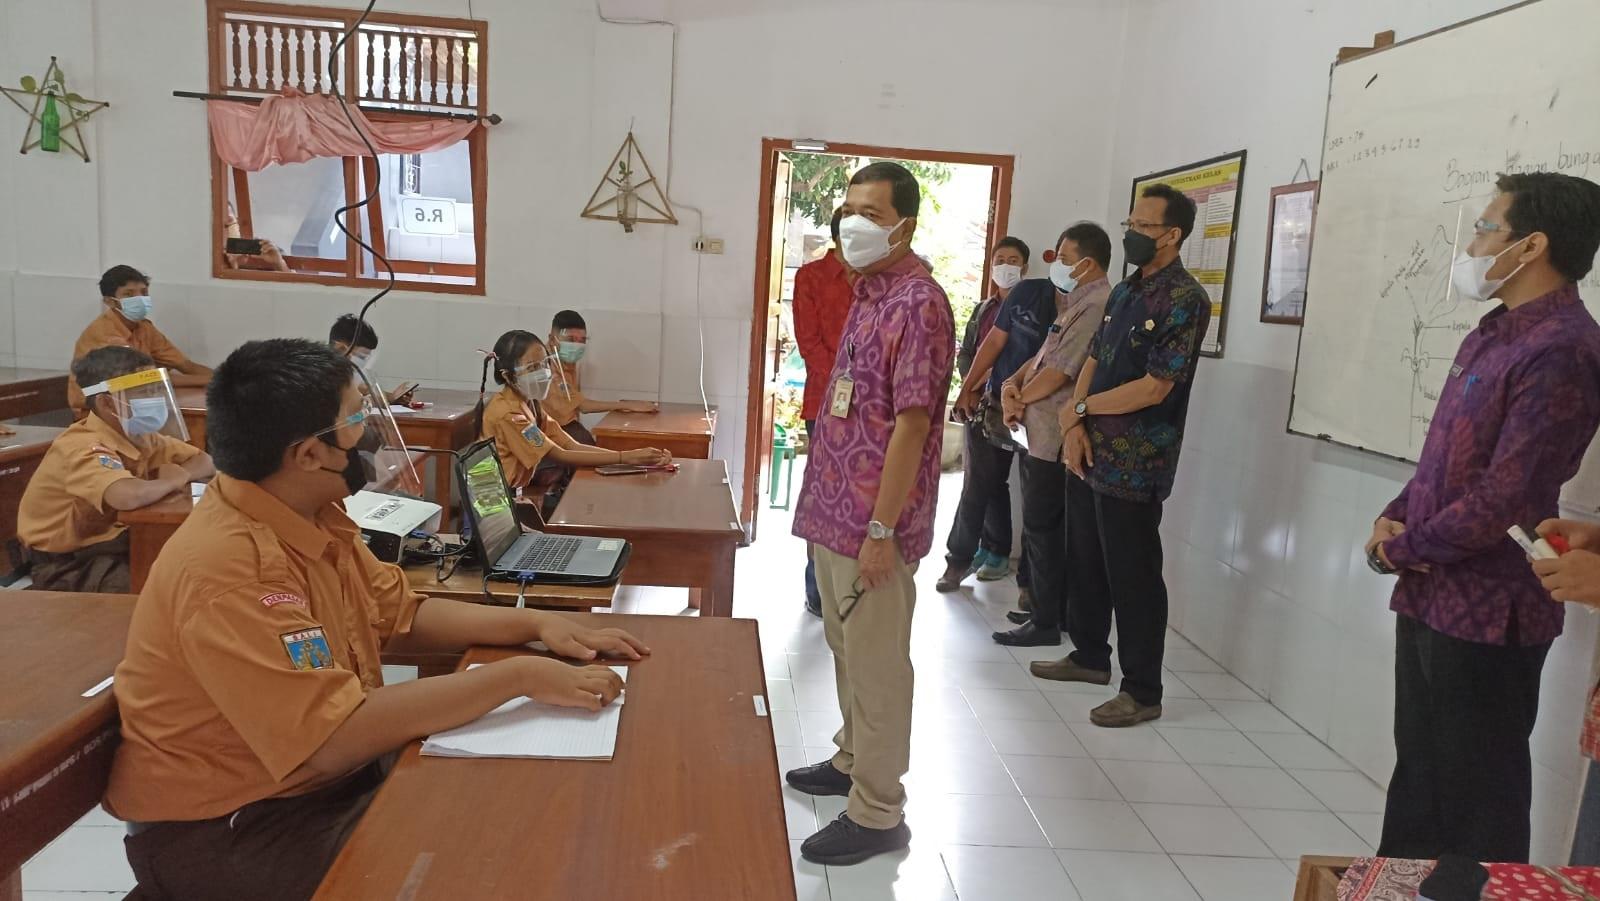 PLT Kepala Dinas Pendidikan Kepemudaan Olahraga Kota Denpasar, IGN Eddy Mulya, saat memantau pelaksanaan PTM Terbatas di SMP PGRI 3 Denpasar. Foto: tra